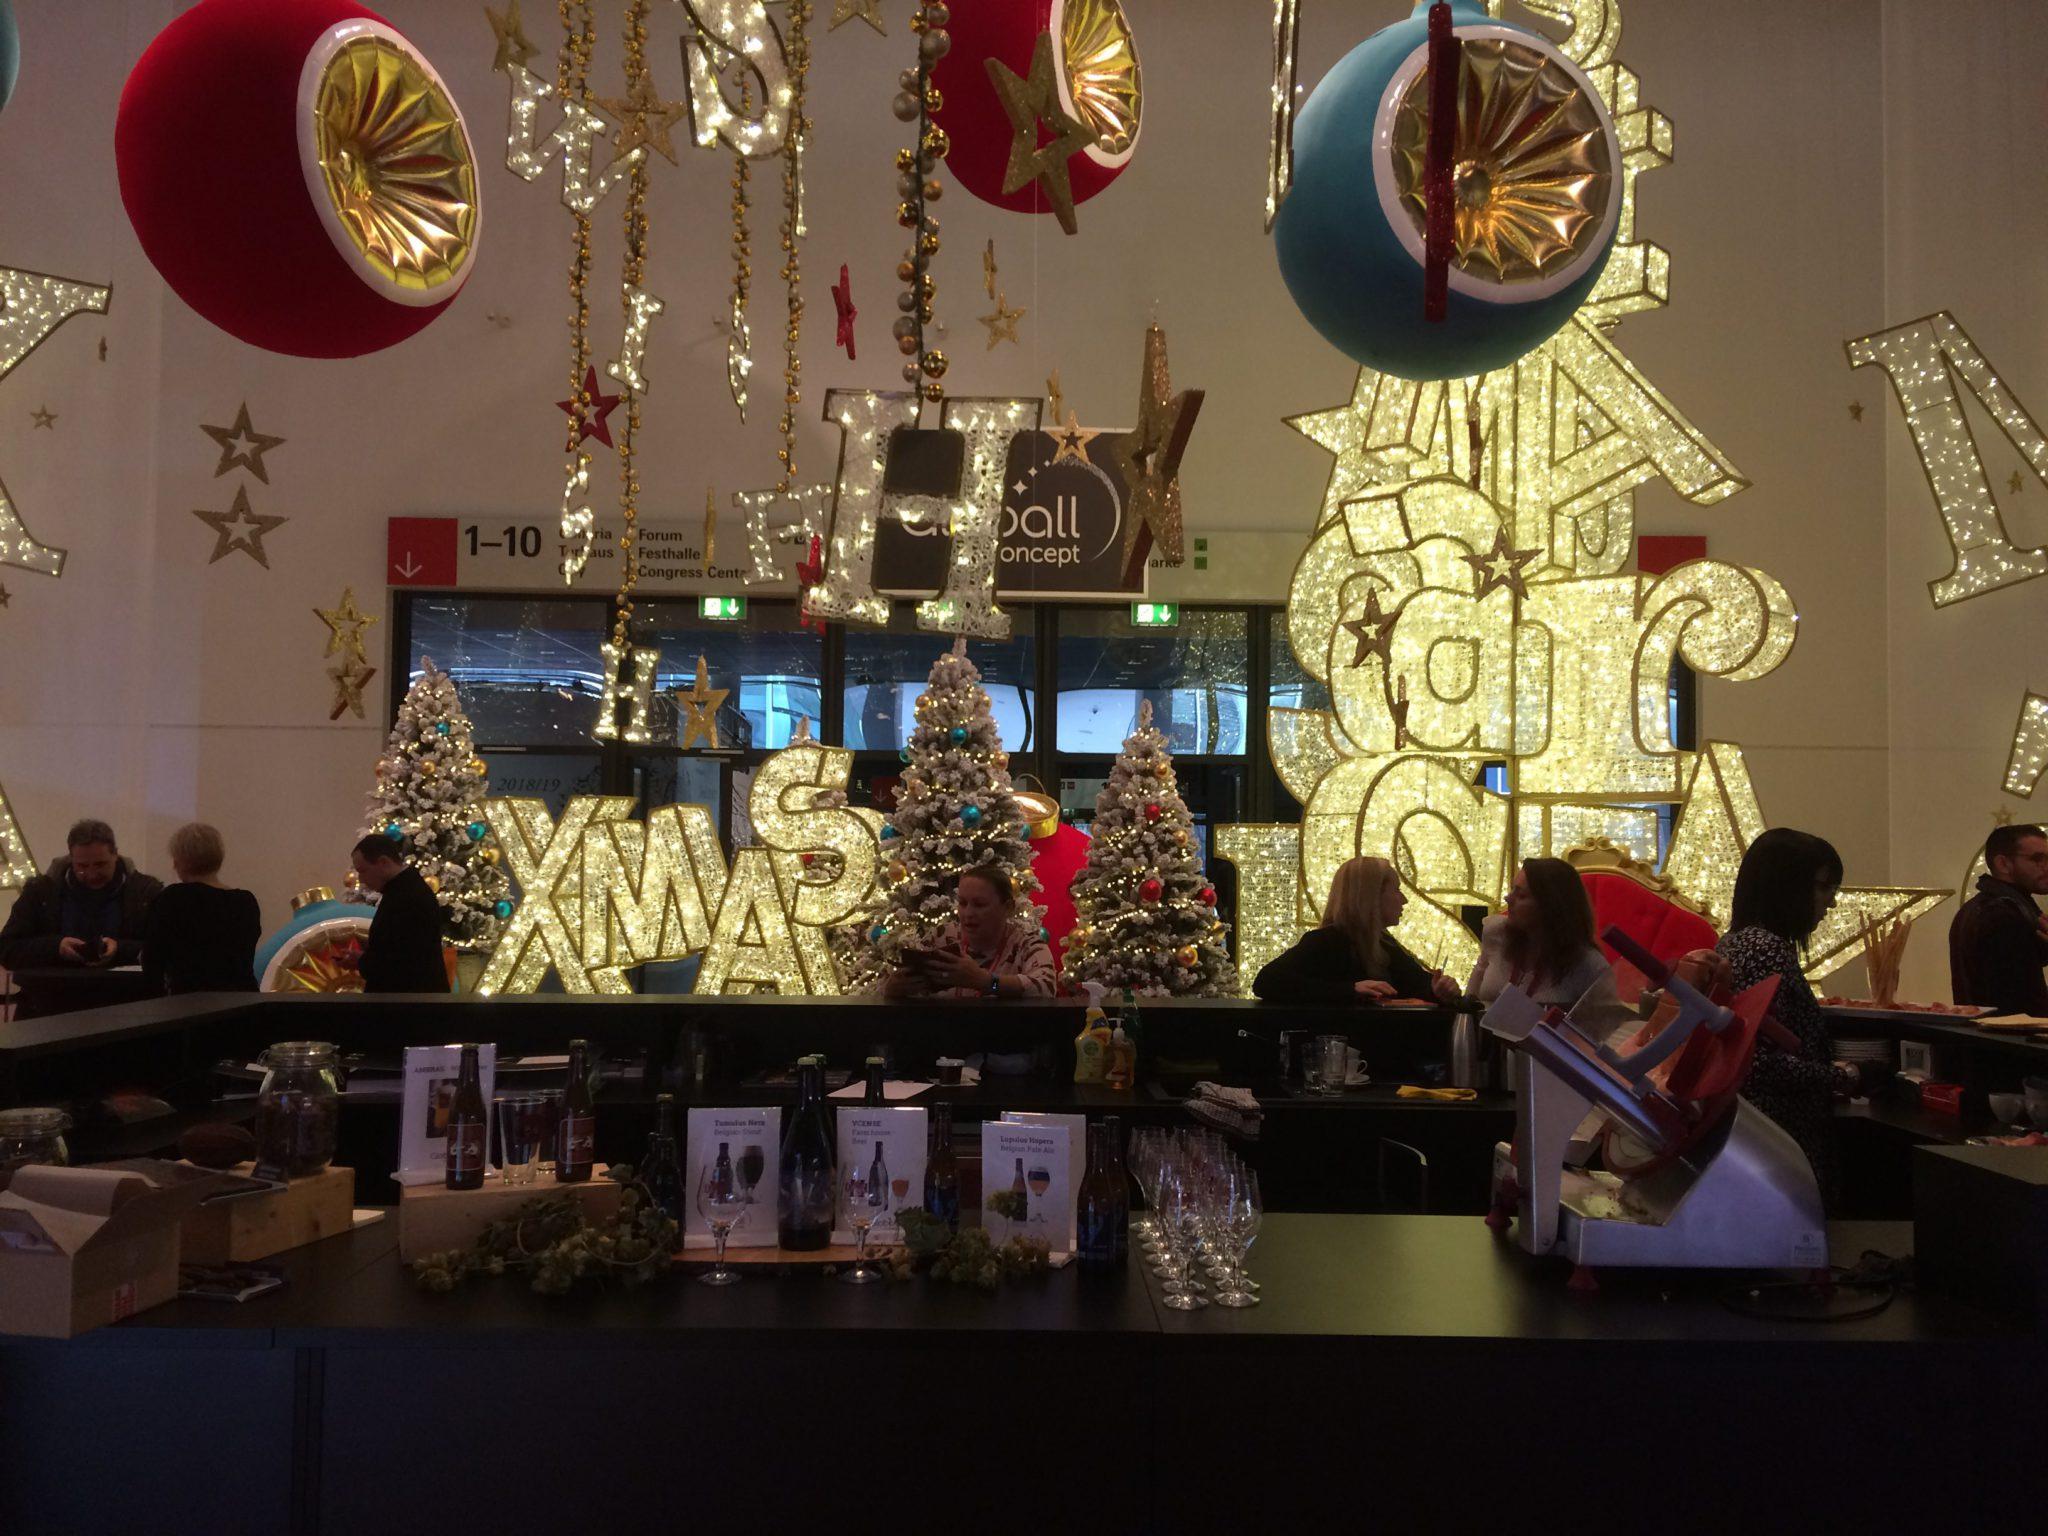 Globall-Concept-ChristmasWorld-Frankfurt-Jan1811 Globall Concept ChristmasWorld Frankfurt Jan18